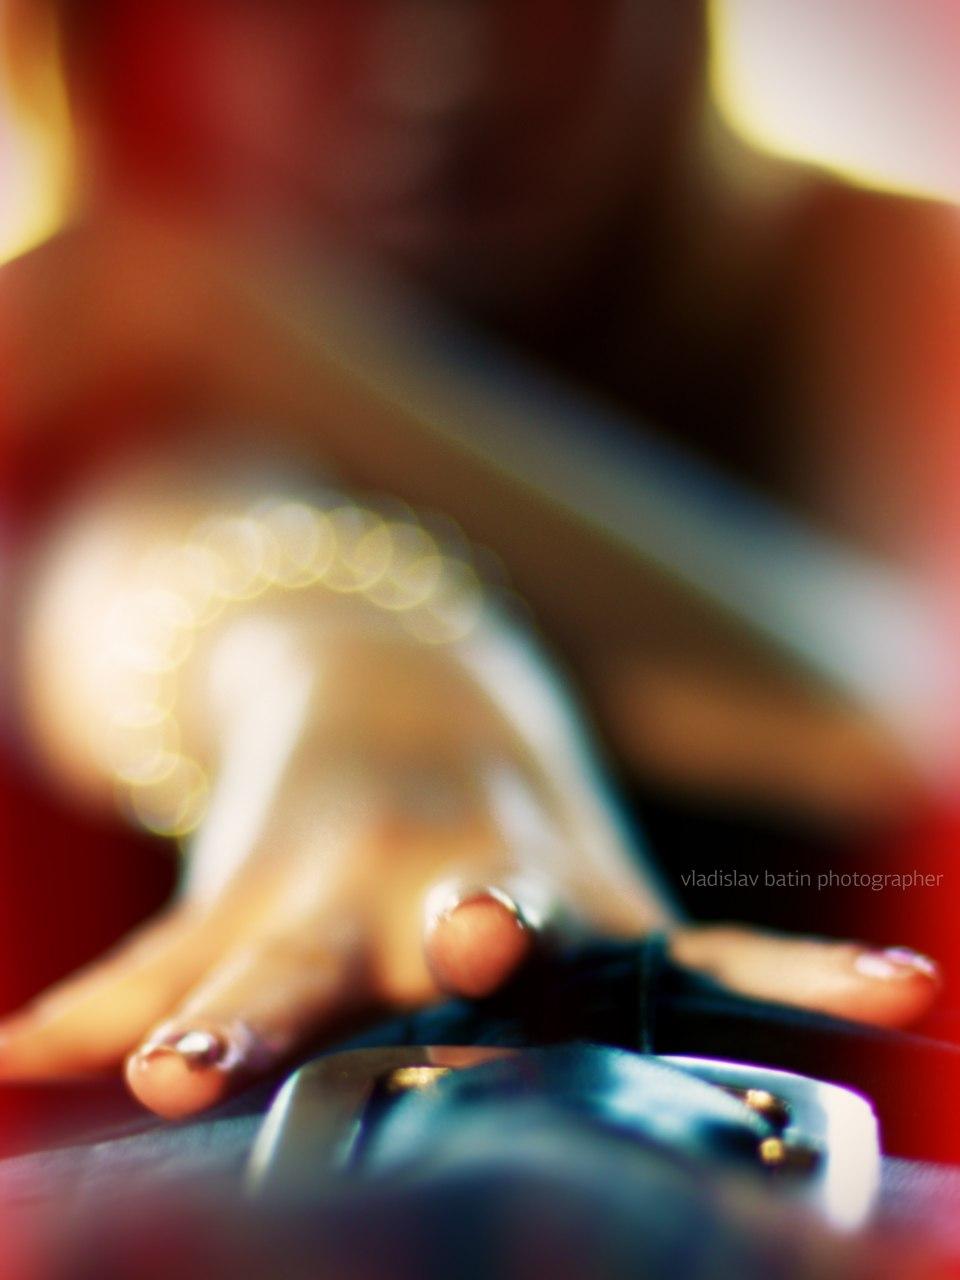 vladbatin, Владислав Батин, фотограф, фотограф в клуб, фотограф в бар, фотограф Нижний Тагил, фотограф vladbatin, фото из клуба, лучшие фотографы, профессиональный фотограф, фотограф цены, сайт фотографа, фотограф фото, фотограф Владислав Батин, фотограф vladbatin, услуги фотографа, свадебный фотограф vladbatin